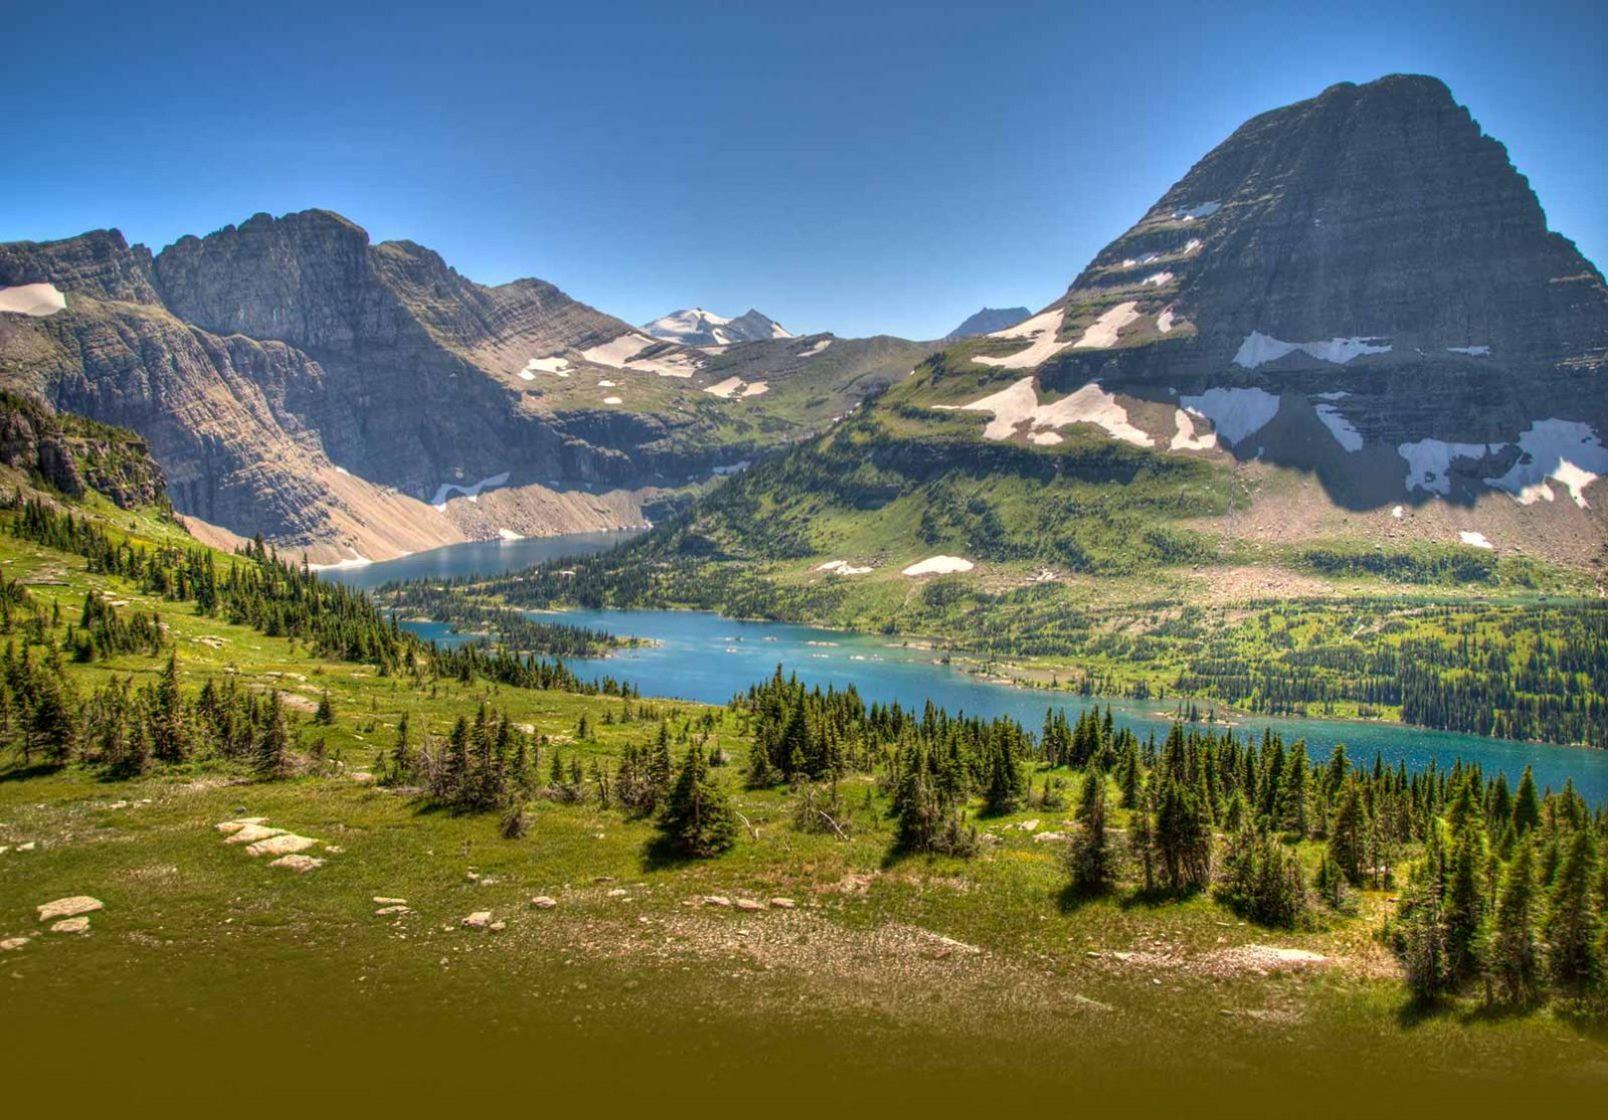 Montana podría ser el escenario del nuevo Far Cry